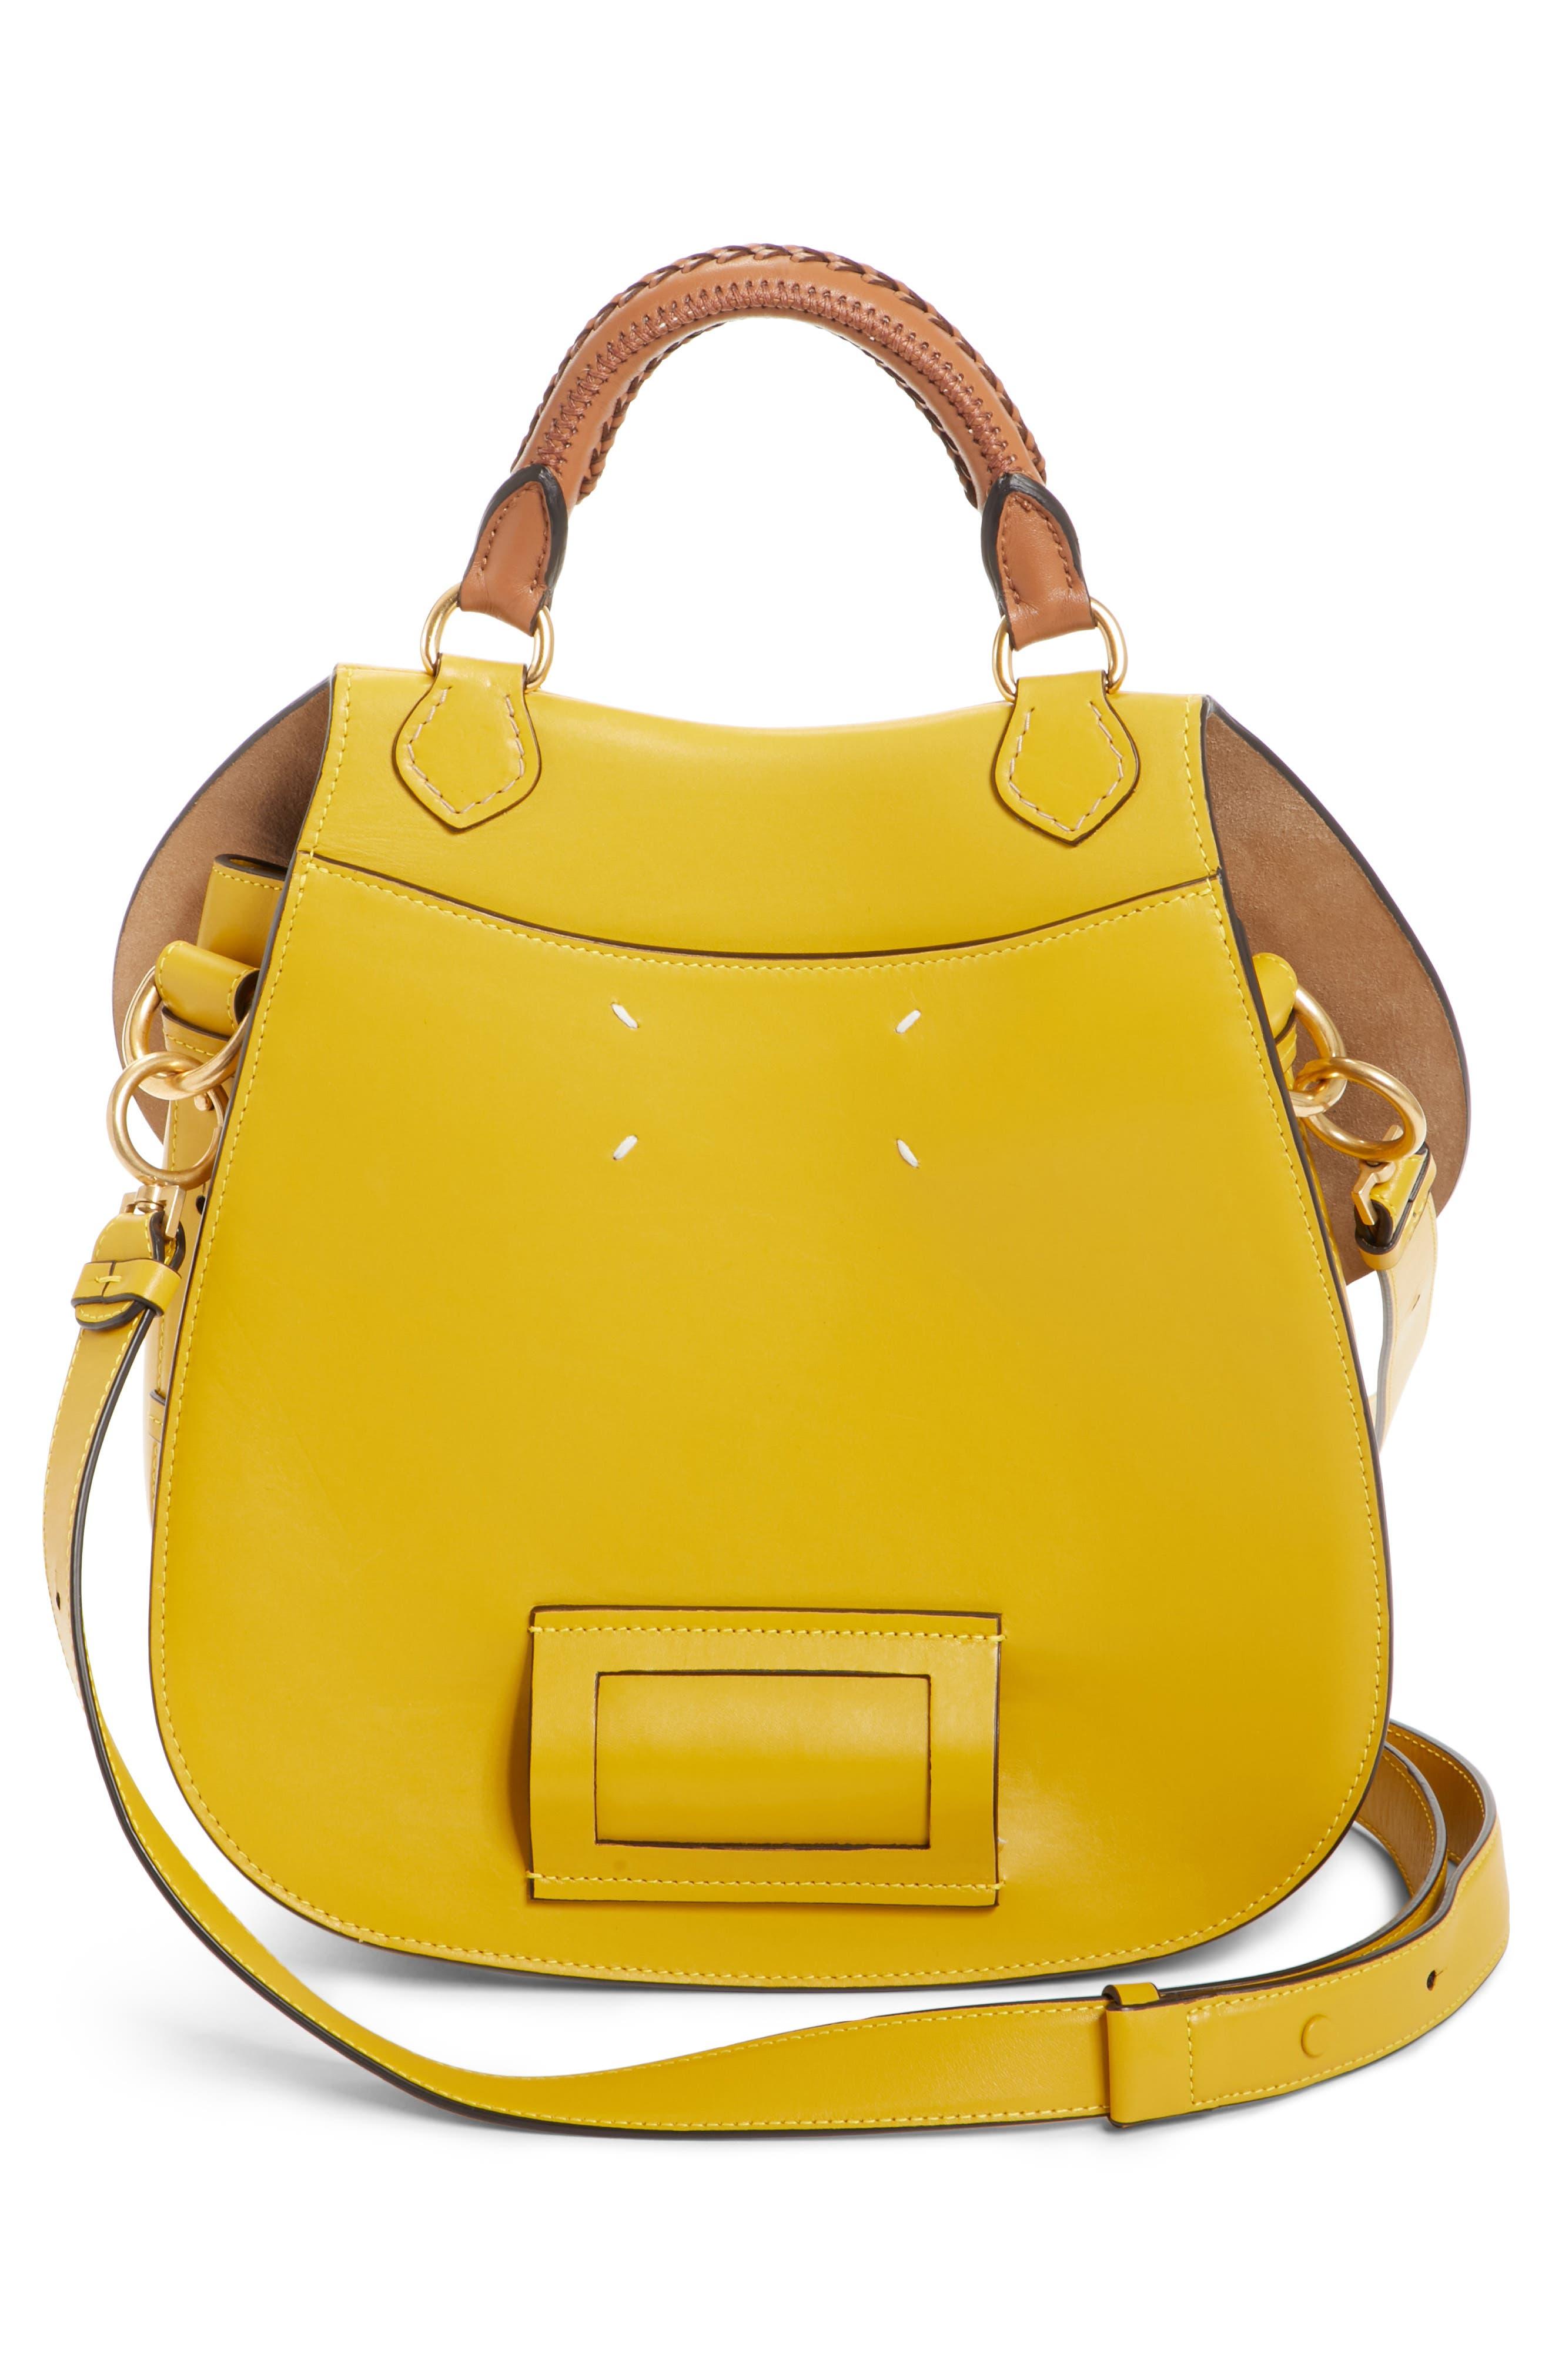 Alternate Image 3  - Maison Margiela Large Bag Slide Leather Saddle Bag